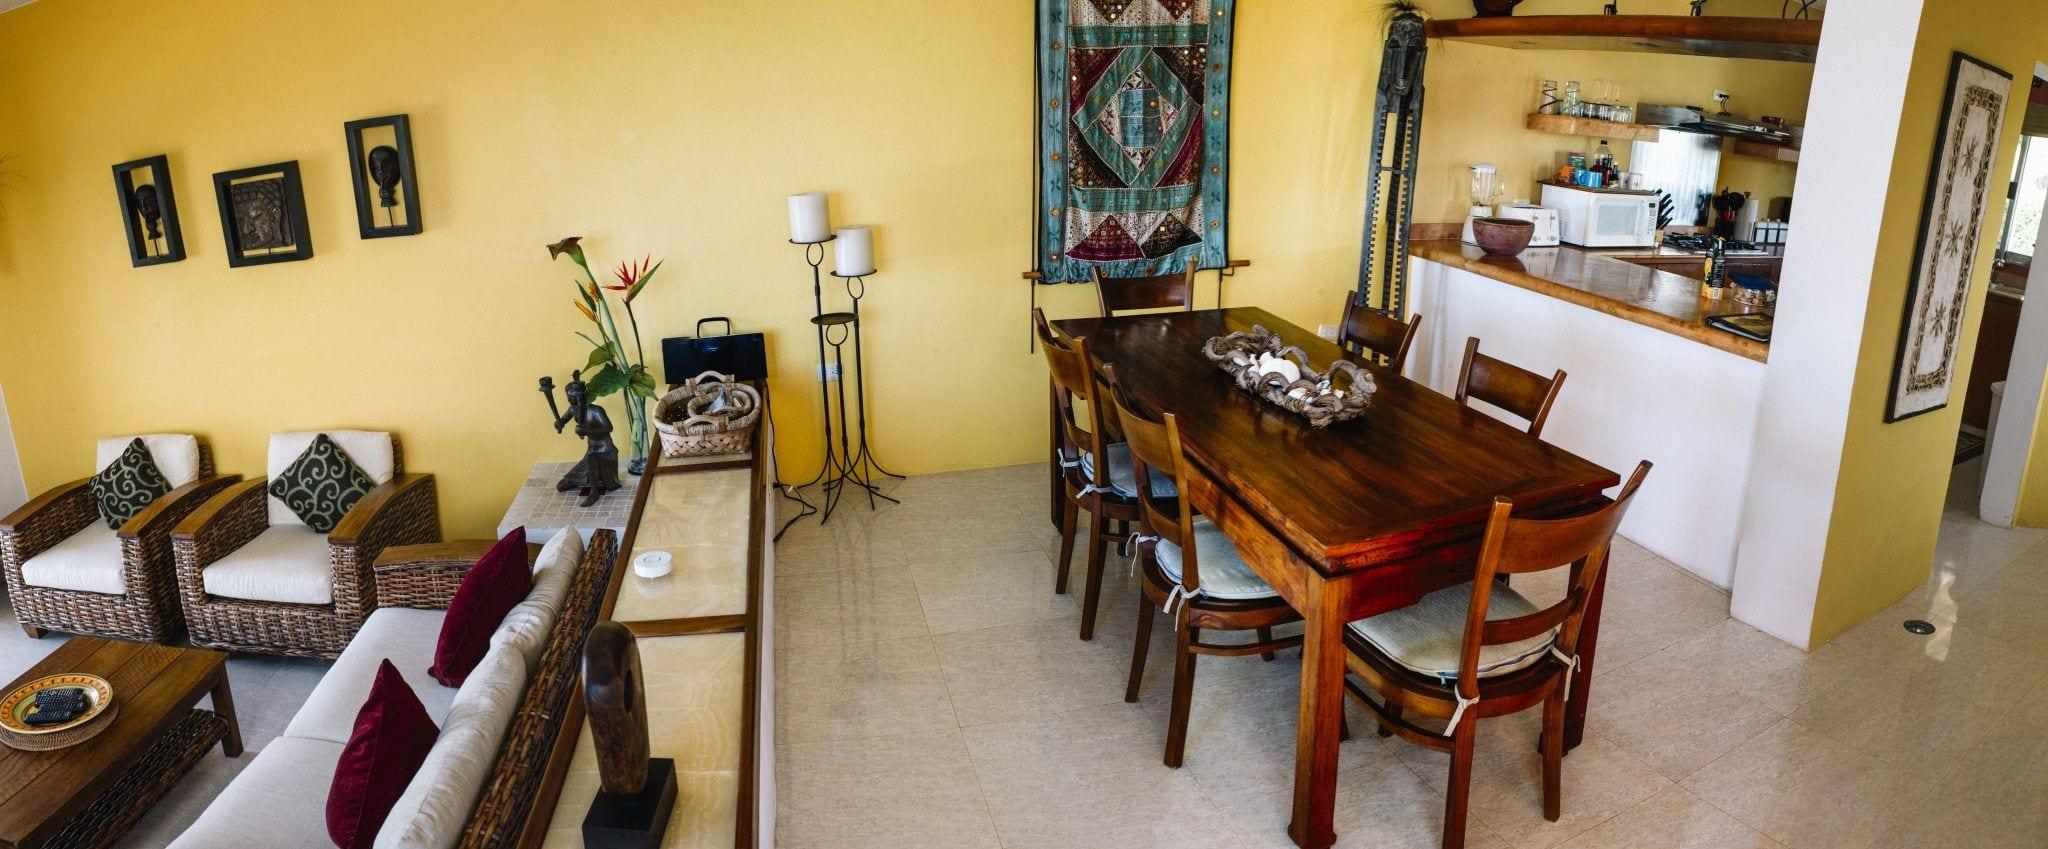 Casita A - Dining Room